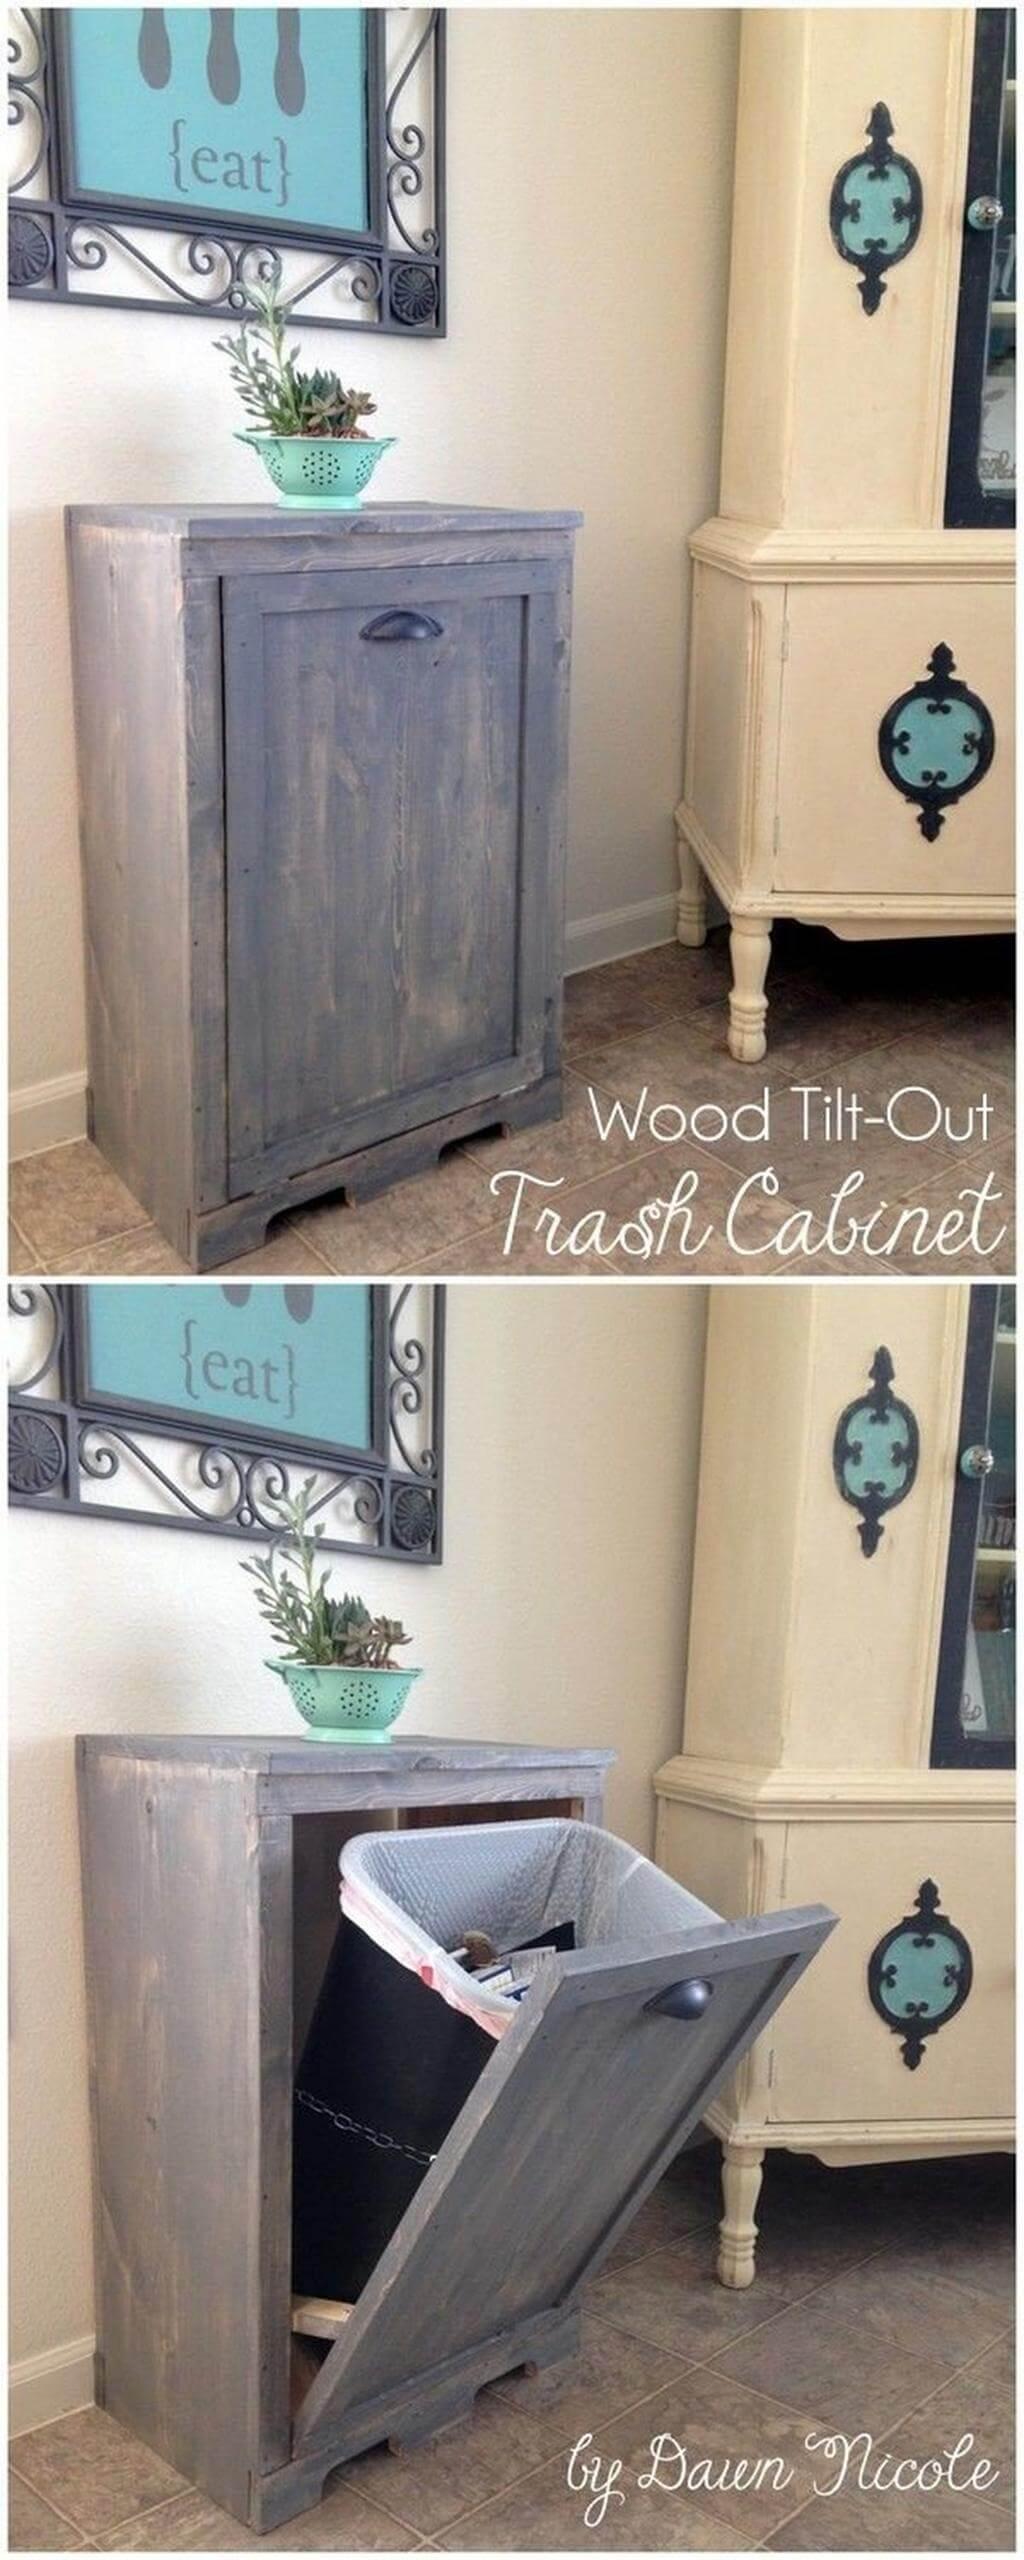 Hide Your Wastebasket in a Cupboard